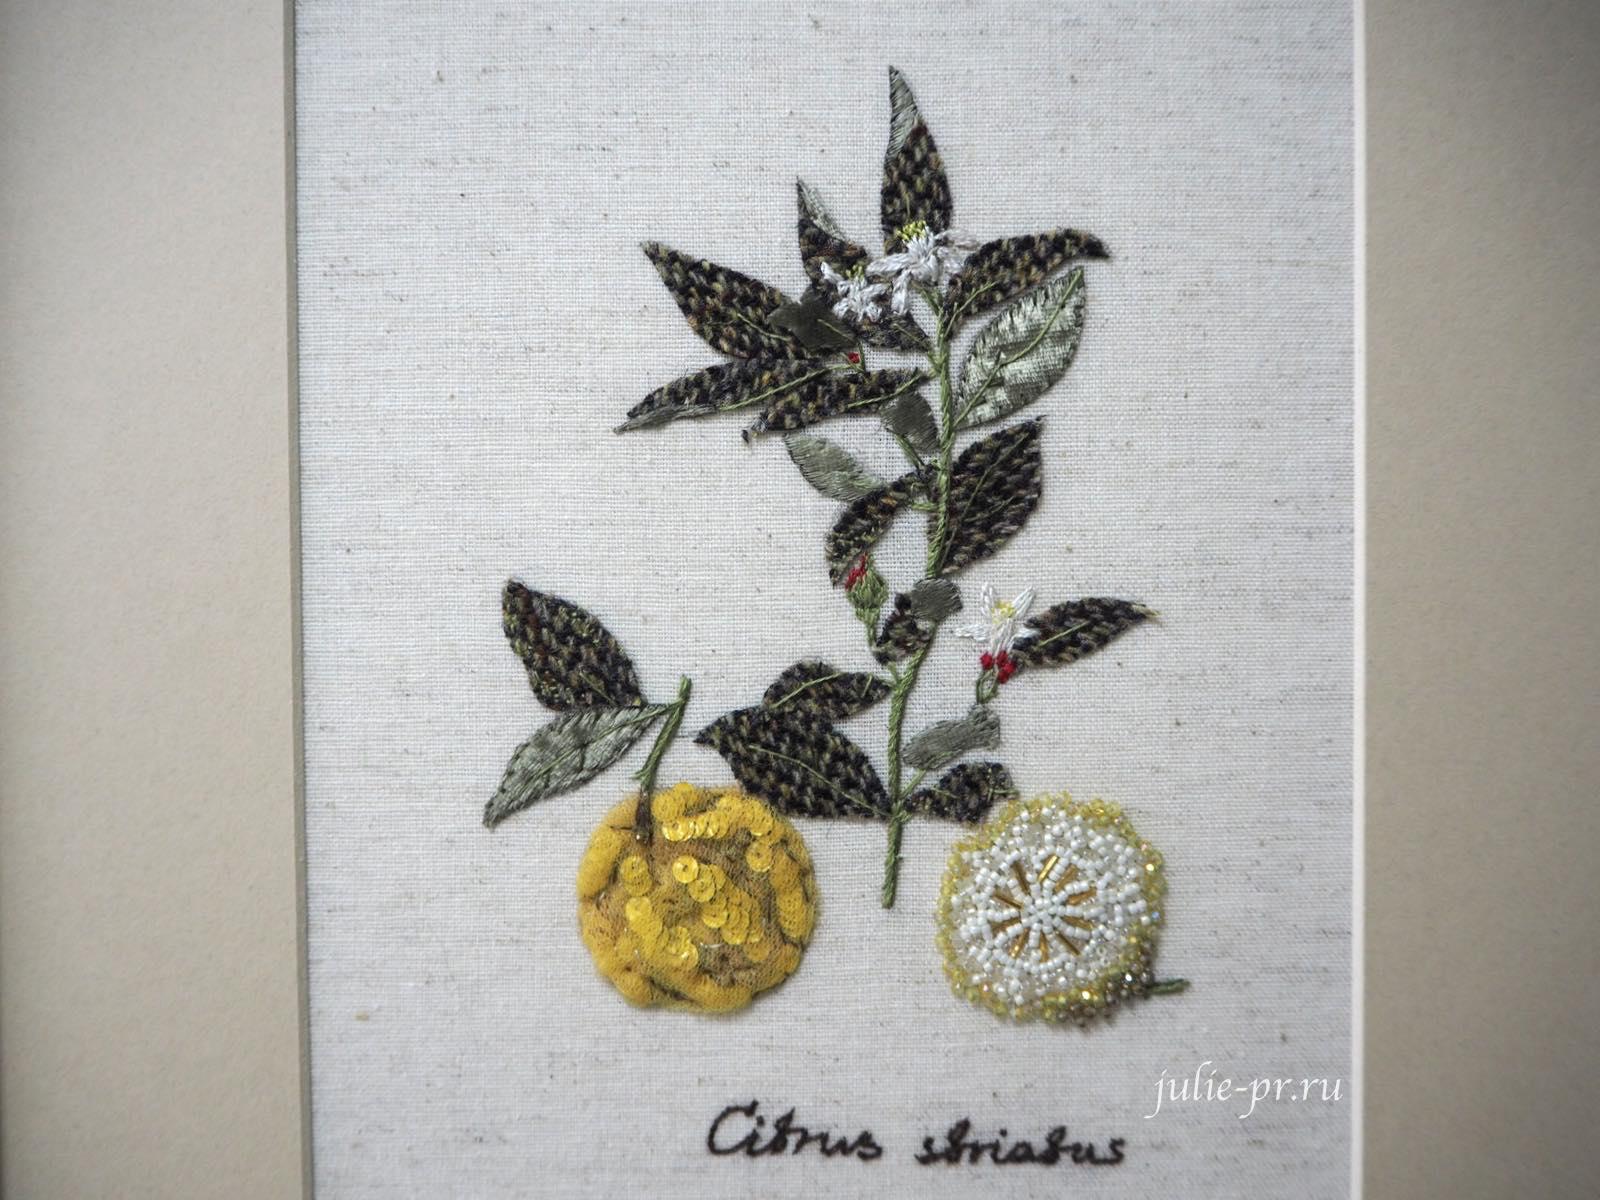 Лимон, Катерина Мороз, кутюрная вышивка